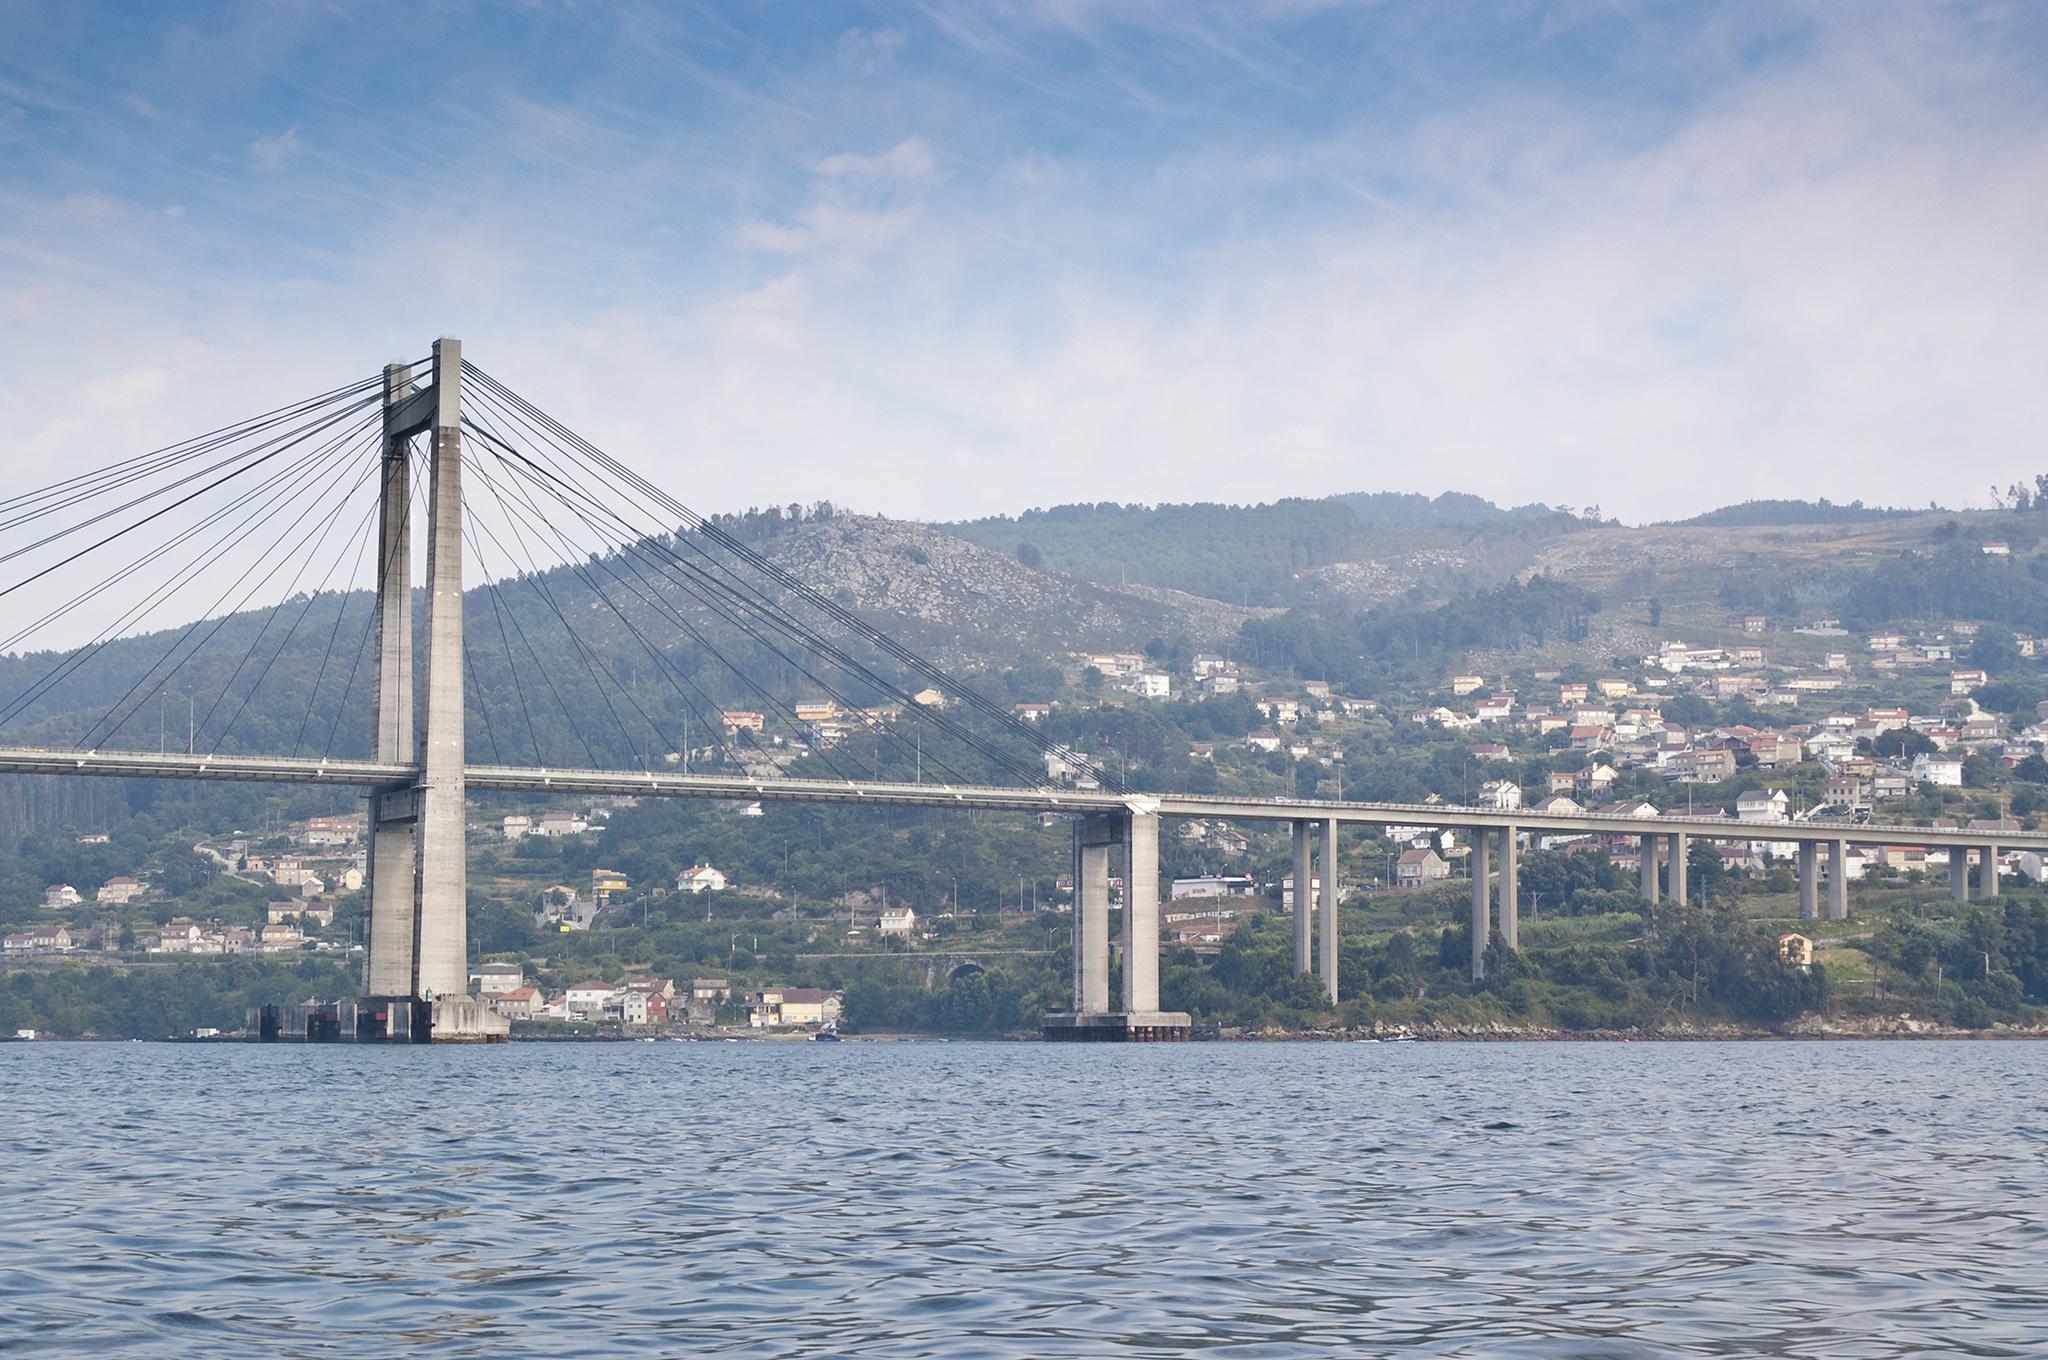 Los puentes más bonitos de España - Puente de Rade (Pontevedra) | Foto:  Ihervas | Dreamstime.com